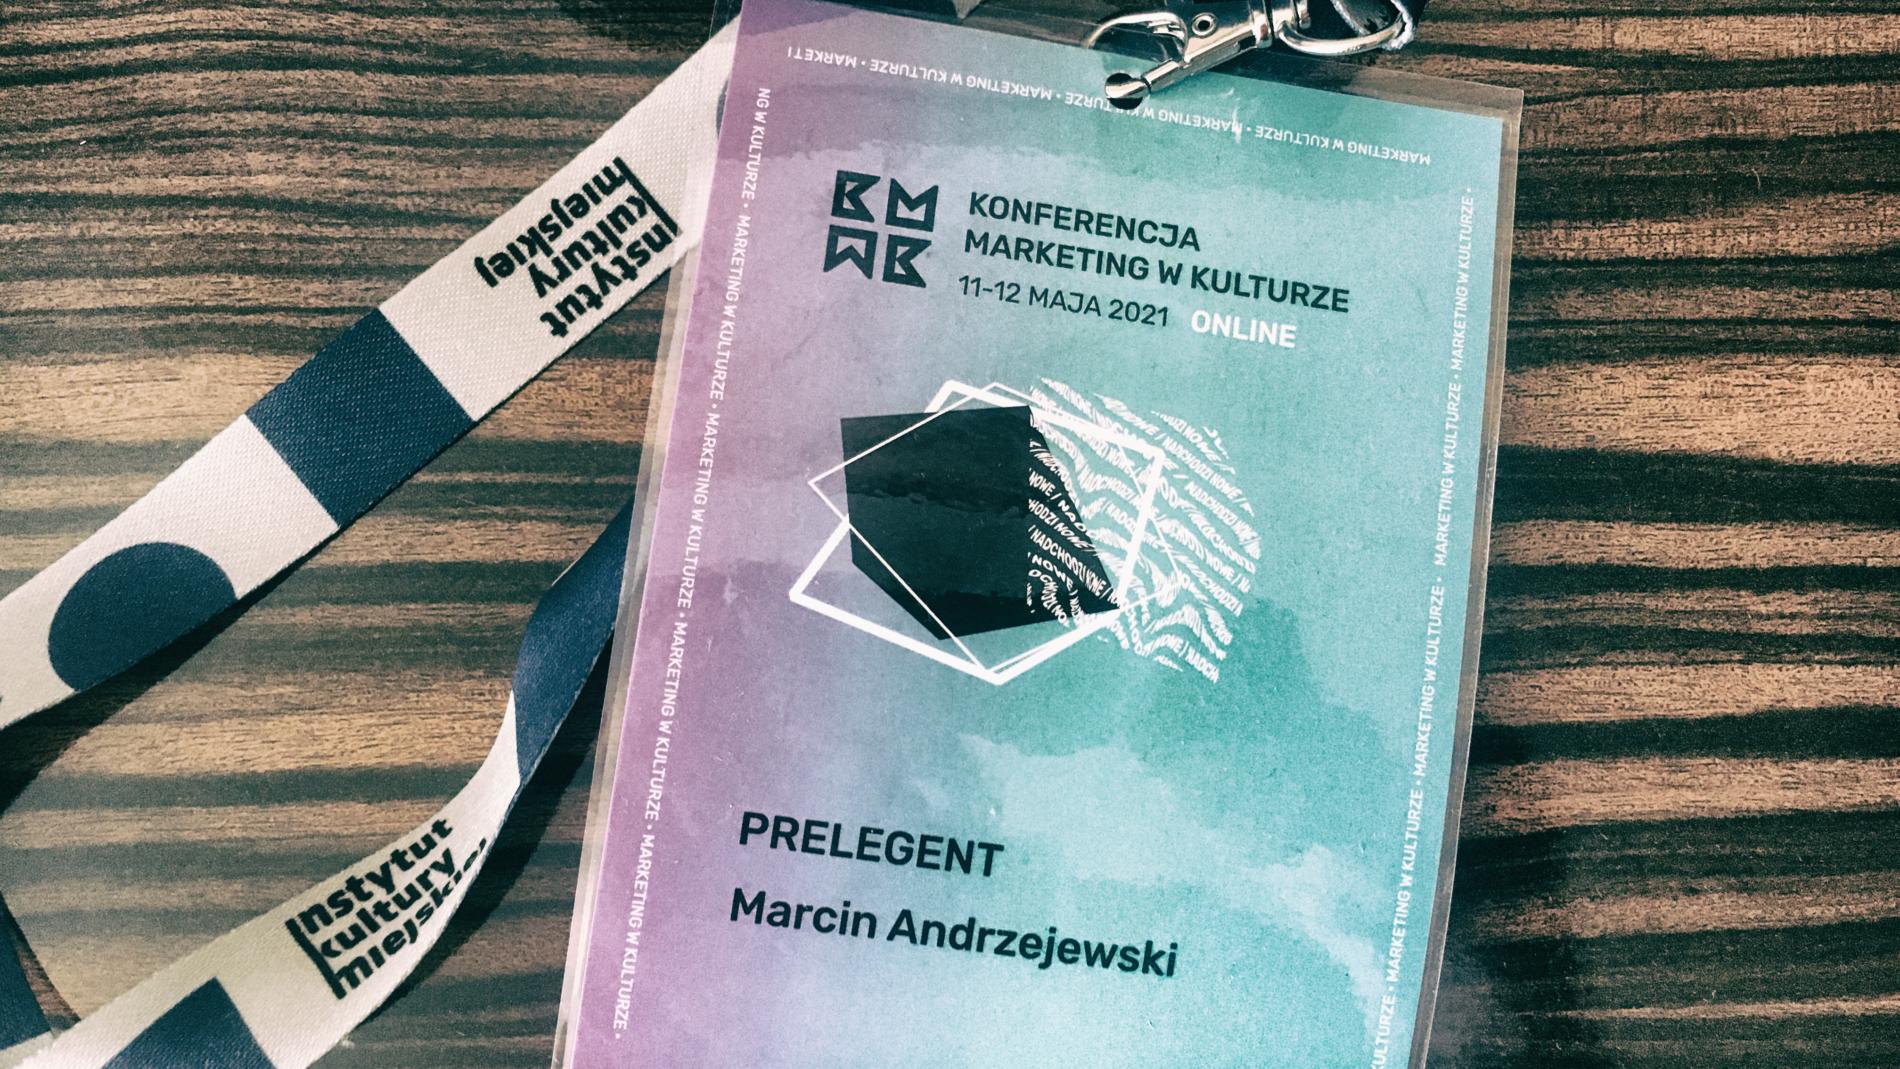 Identyfikator prelegenta – Marcin Andrzejewski. Konferencja Marketing w Kulturze 2021.